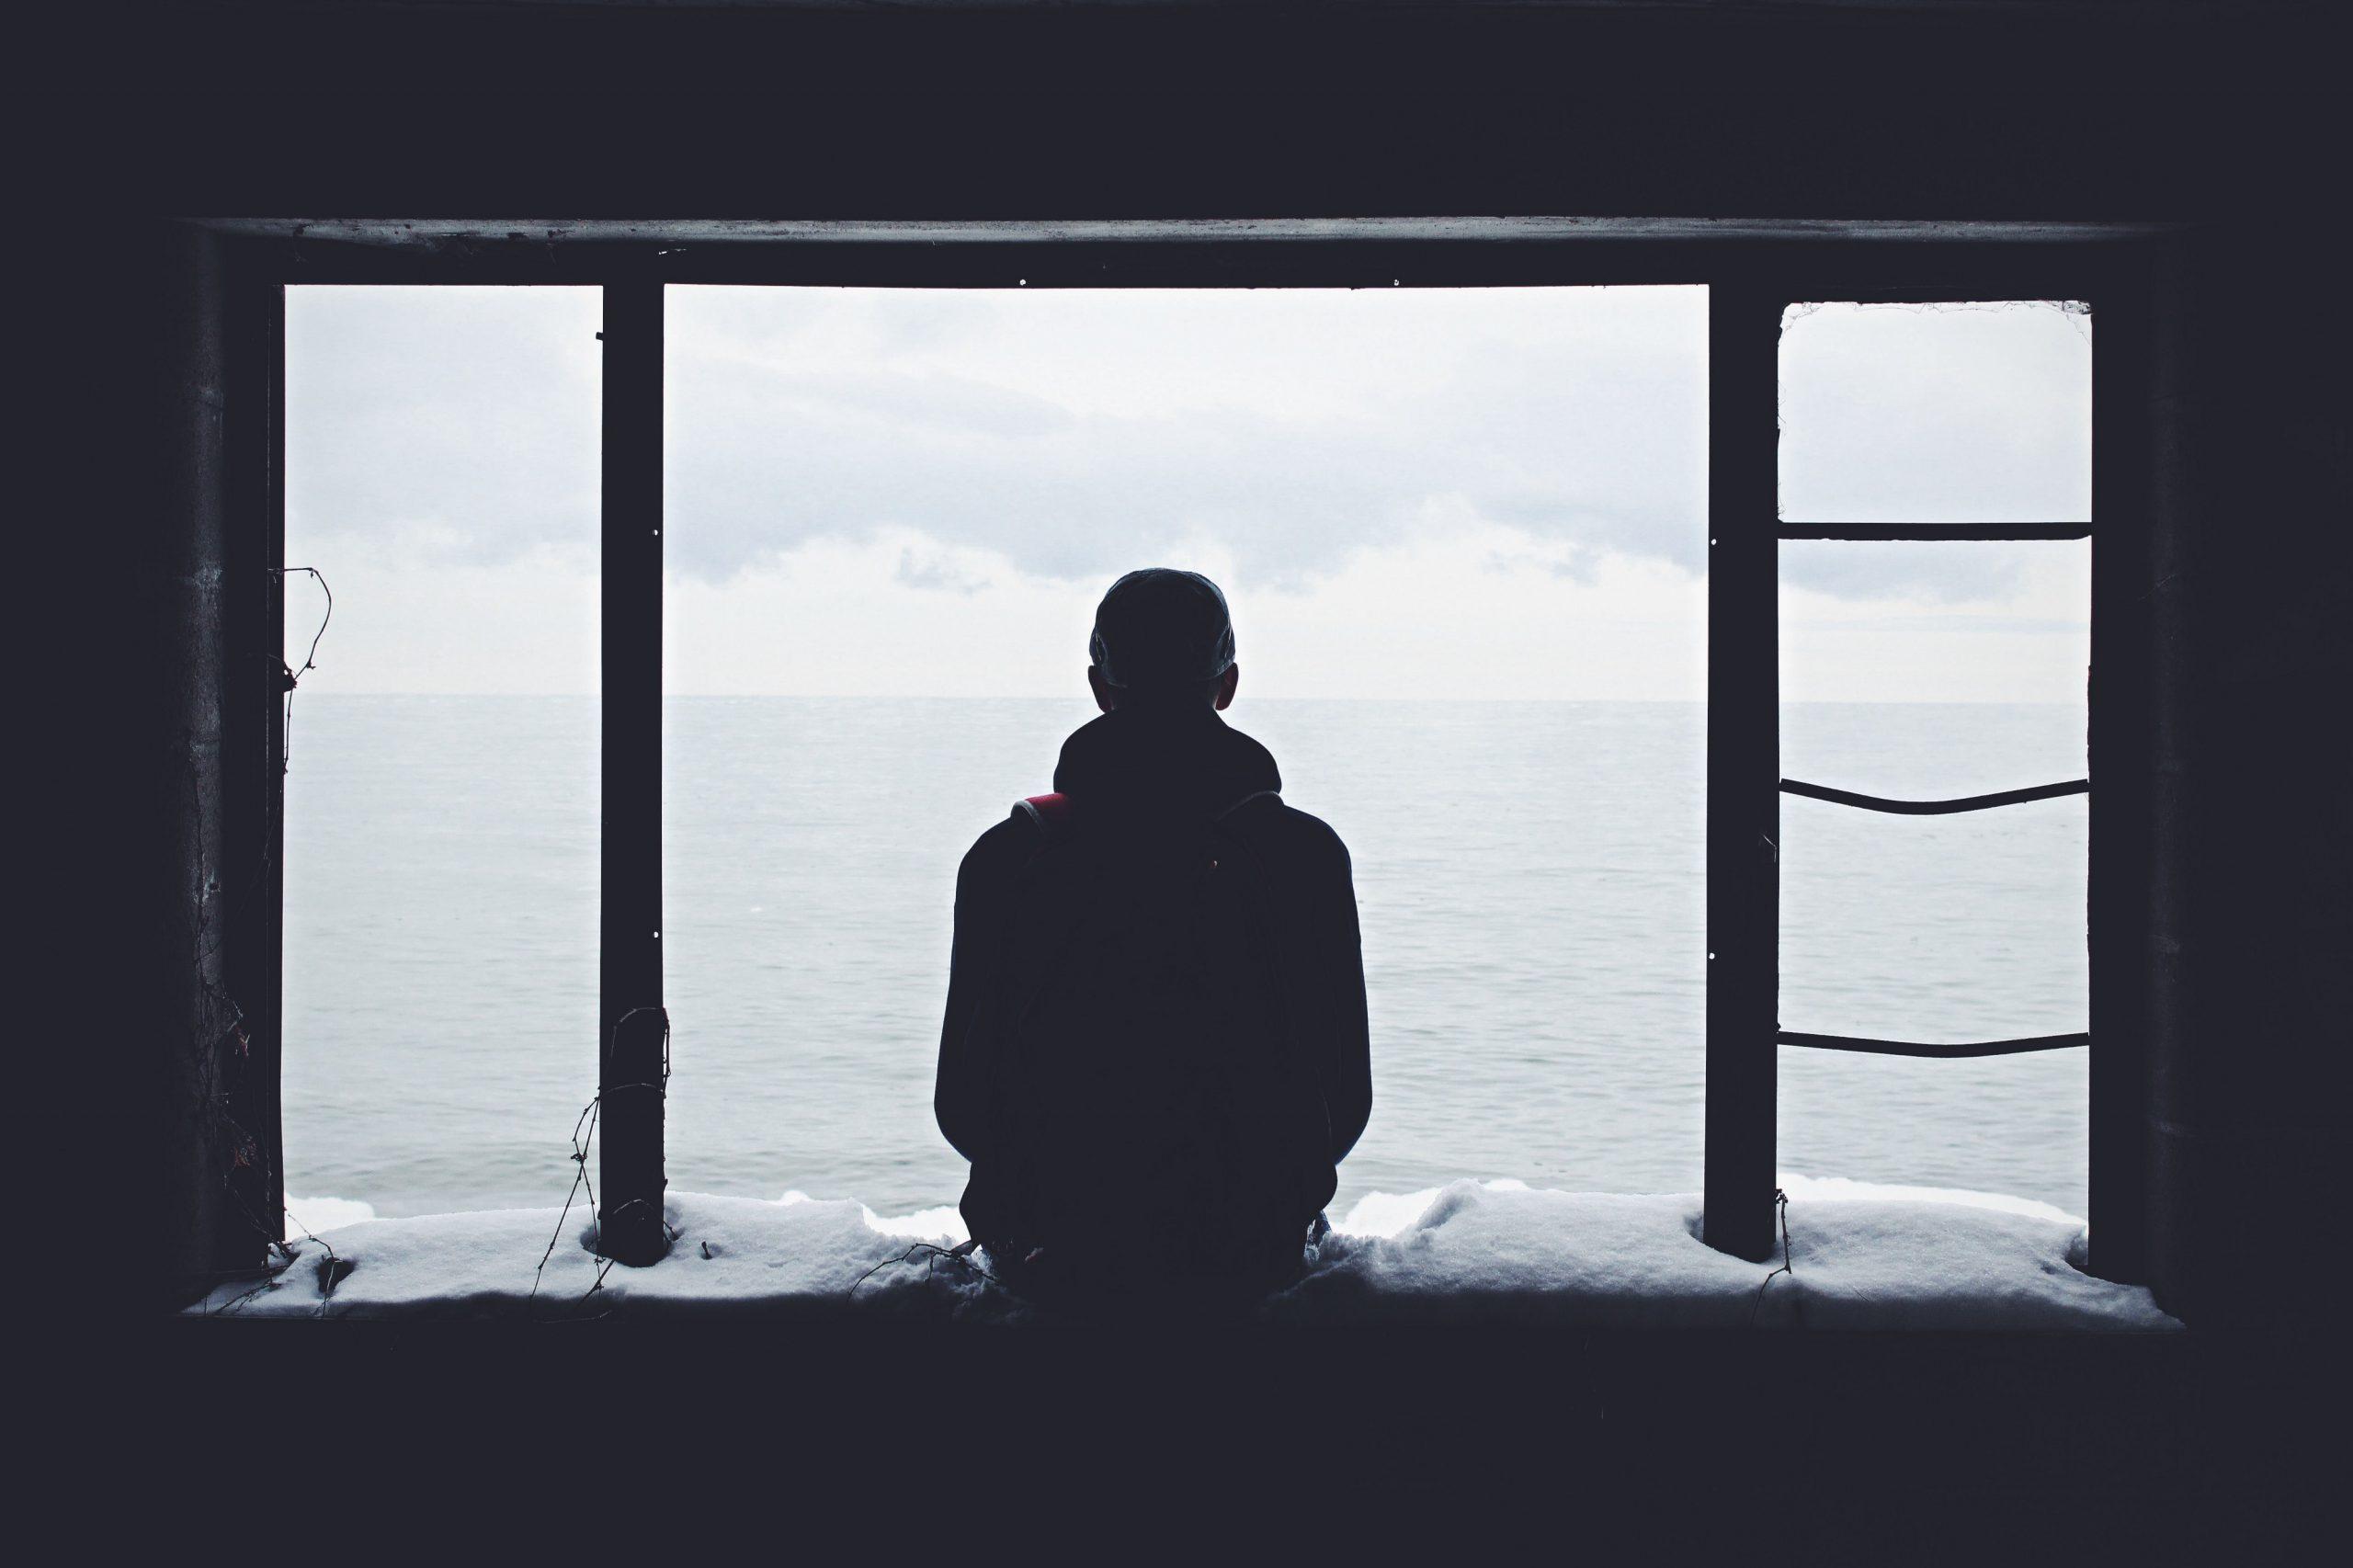 فواید تنهایی را می شناسید؟